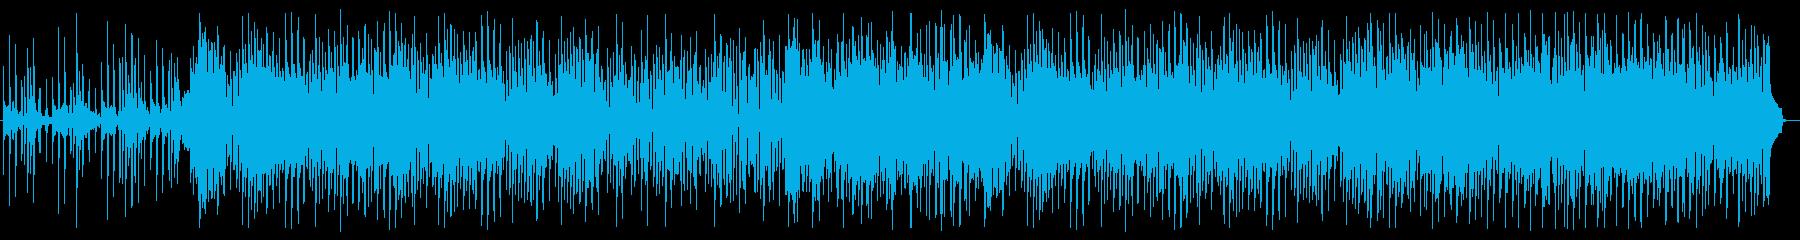 優しく切ないピアノインストBGMの再生済みの波形